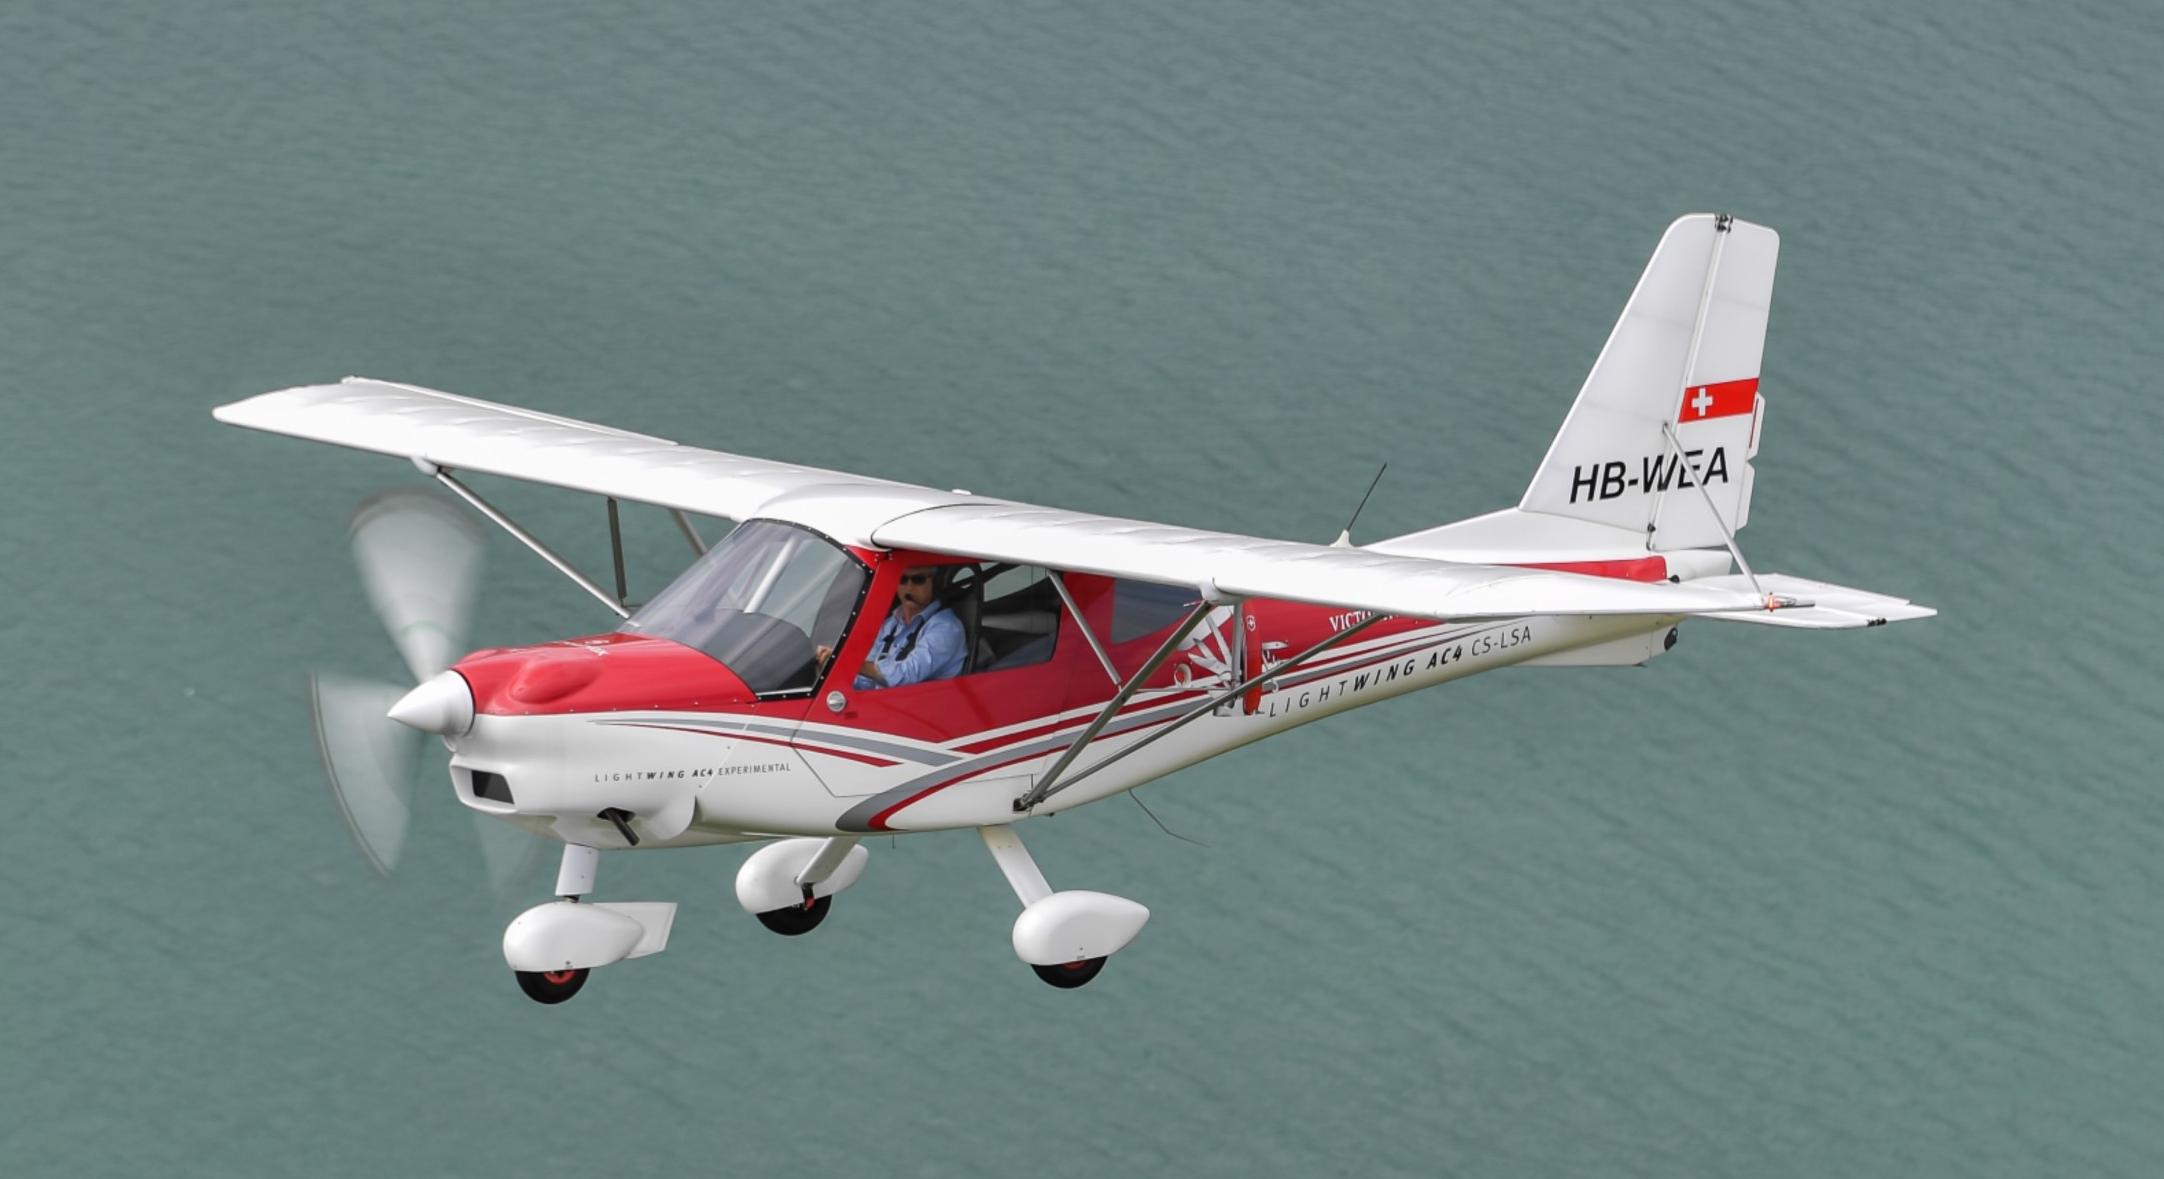 Swiss aircraft manufacturers go on a demo tour - LIGHTWING AC4CS-LSA